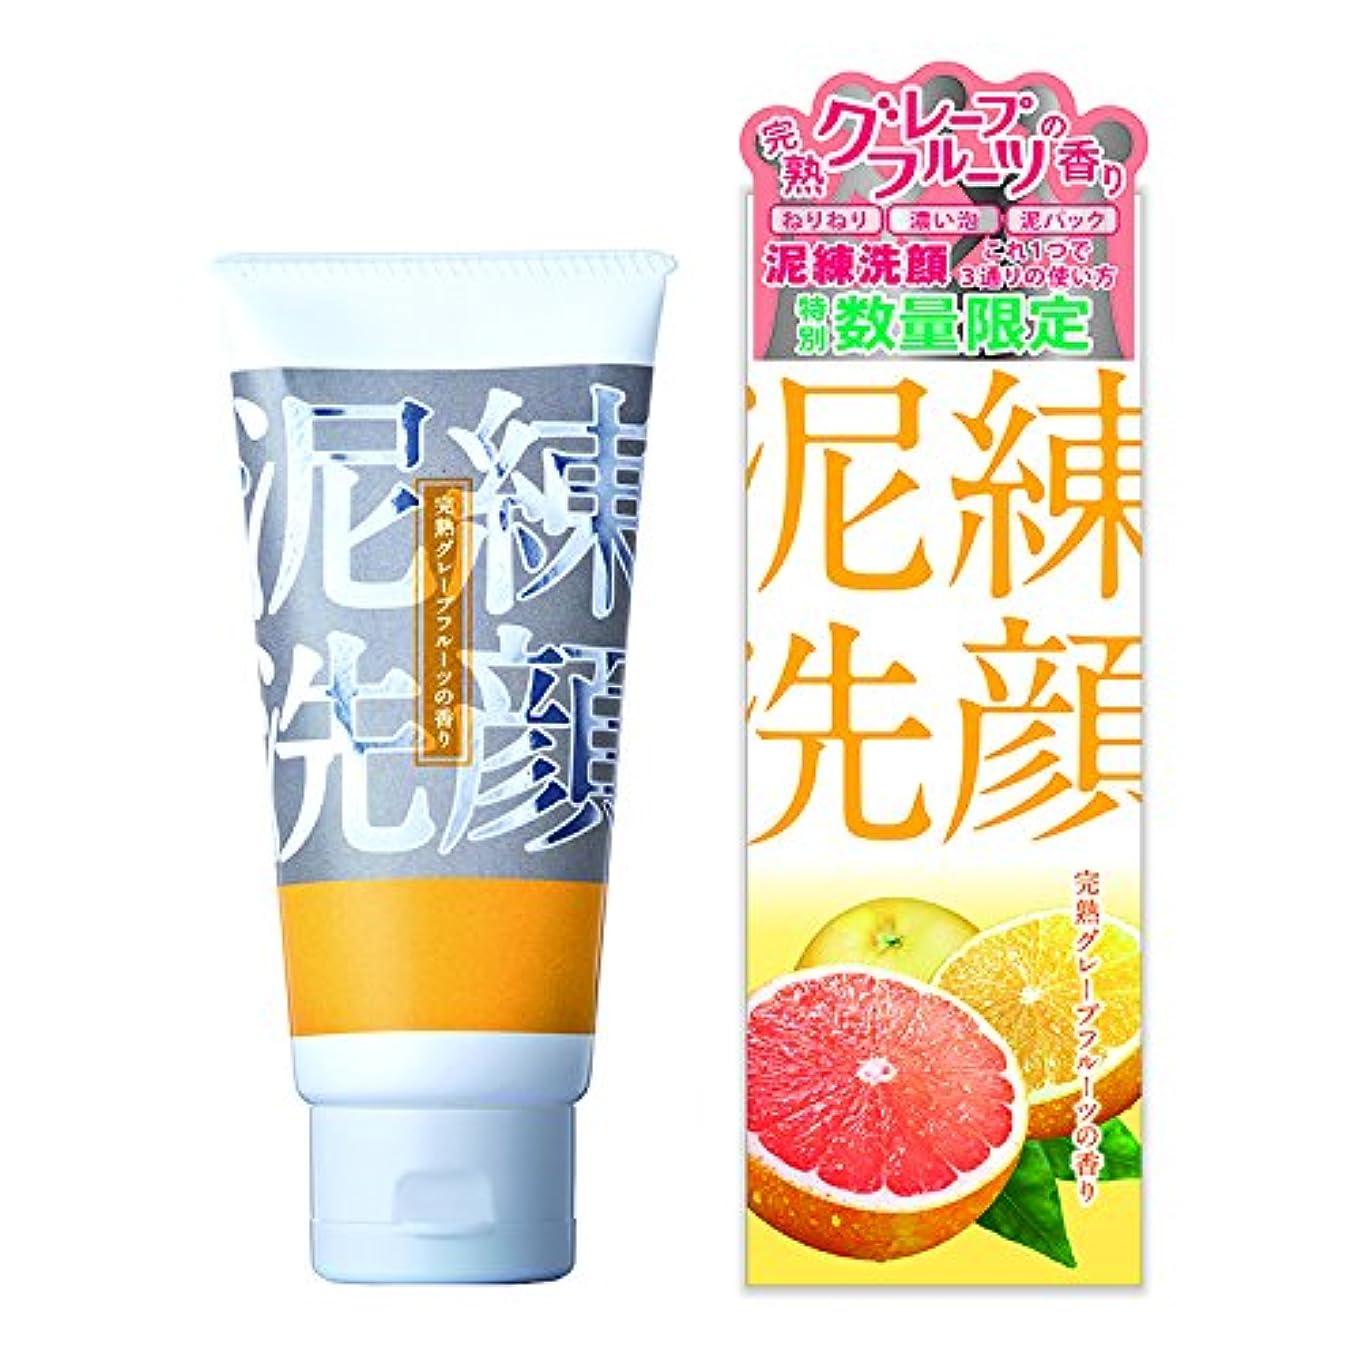 フリーステンション対処する泥練洗顔 完熟グレープフルーツの香り 120g【泥 洗顔 6種の泥で 黒ずみ 毛穴 洗浄 3つの使い方】